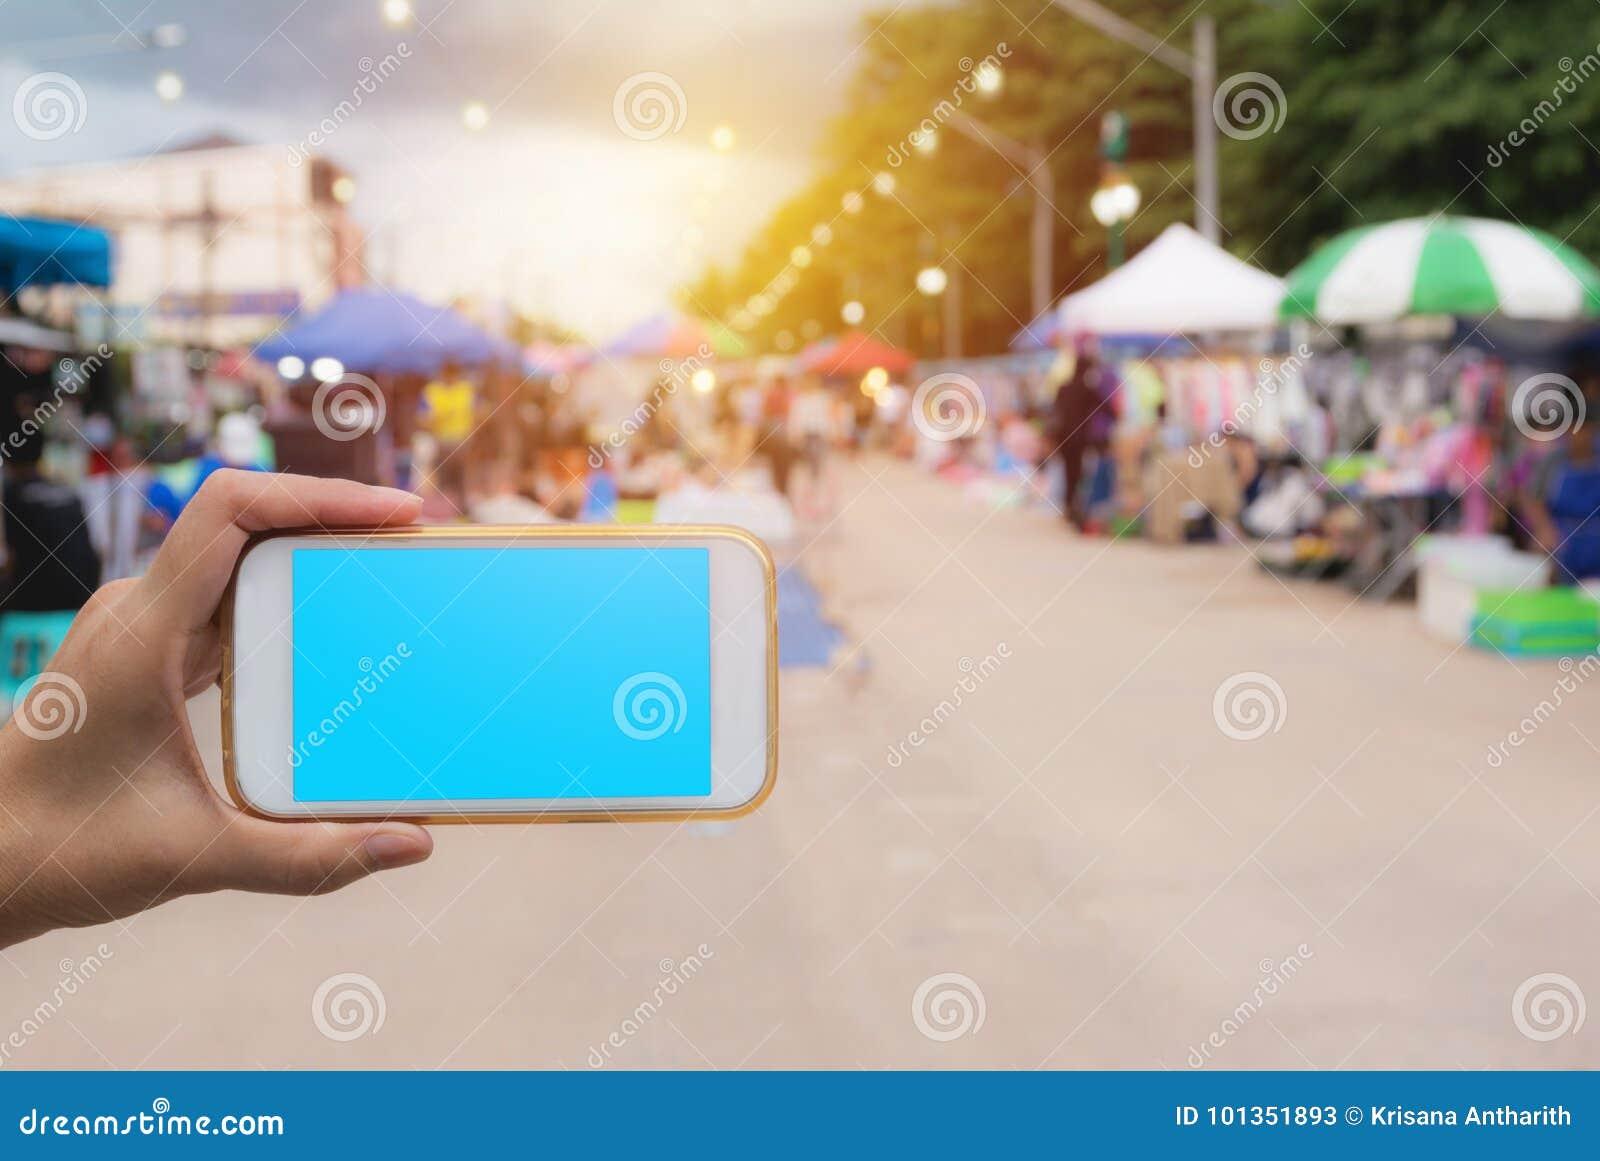 Main de femme tenant le téléphone intelligent dans la tache floue d achats de marché en plein air